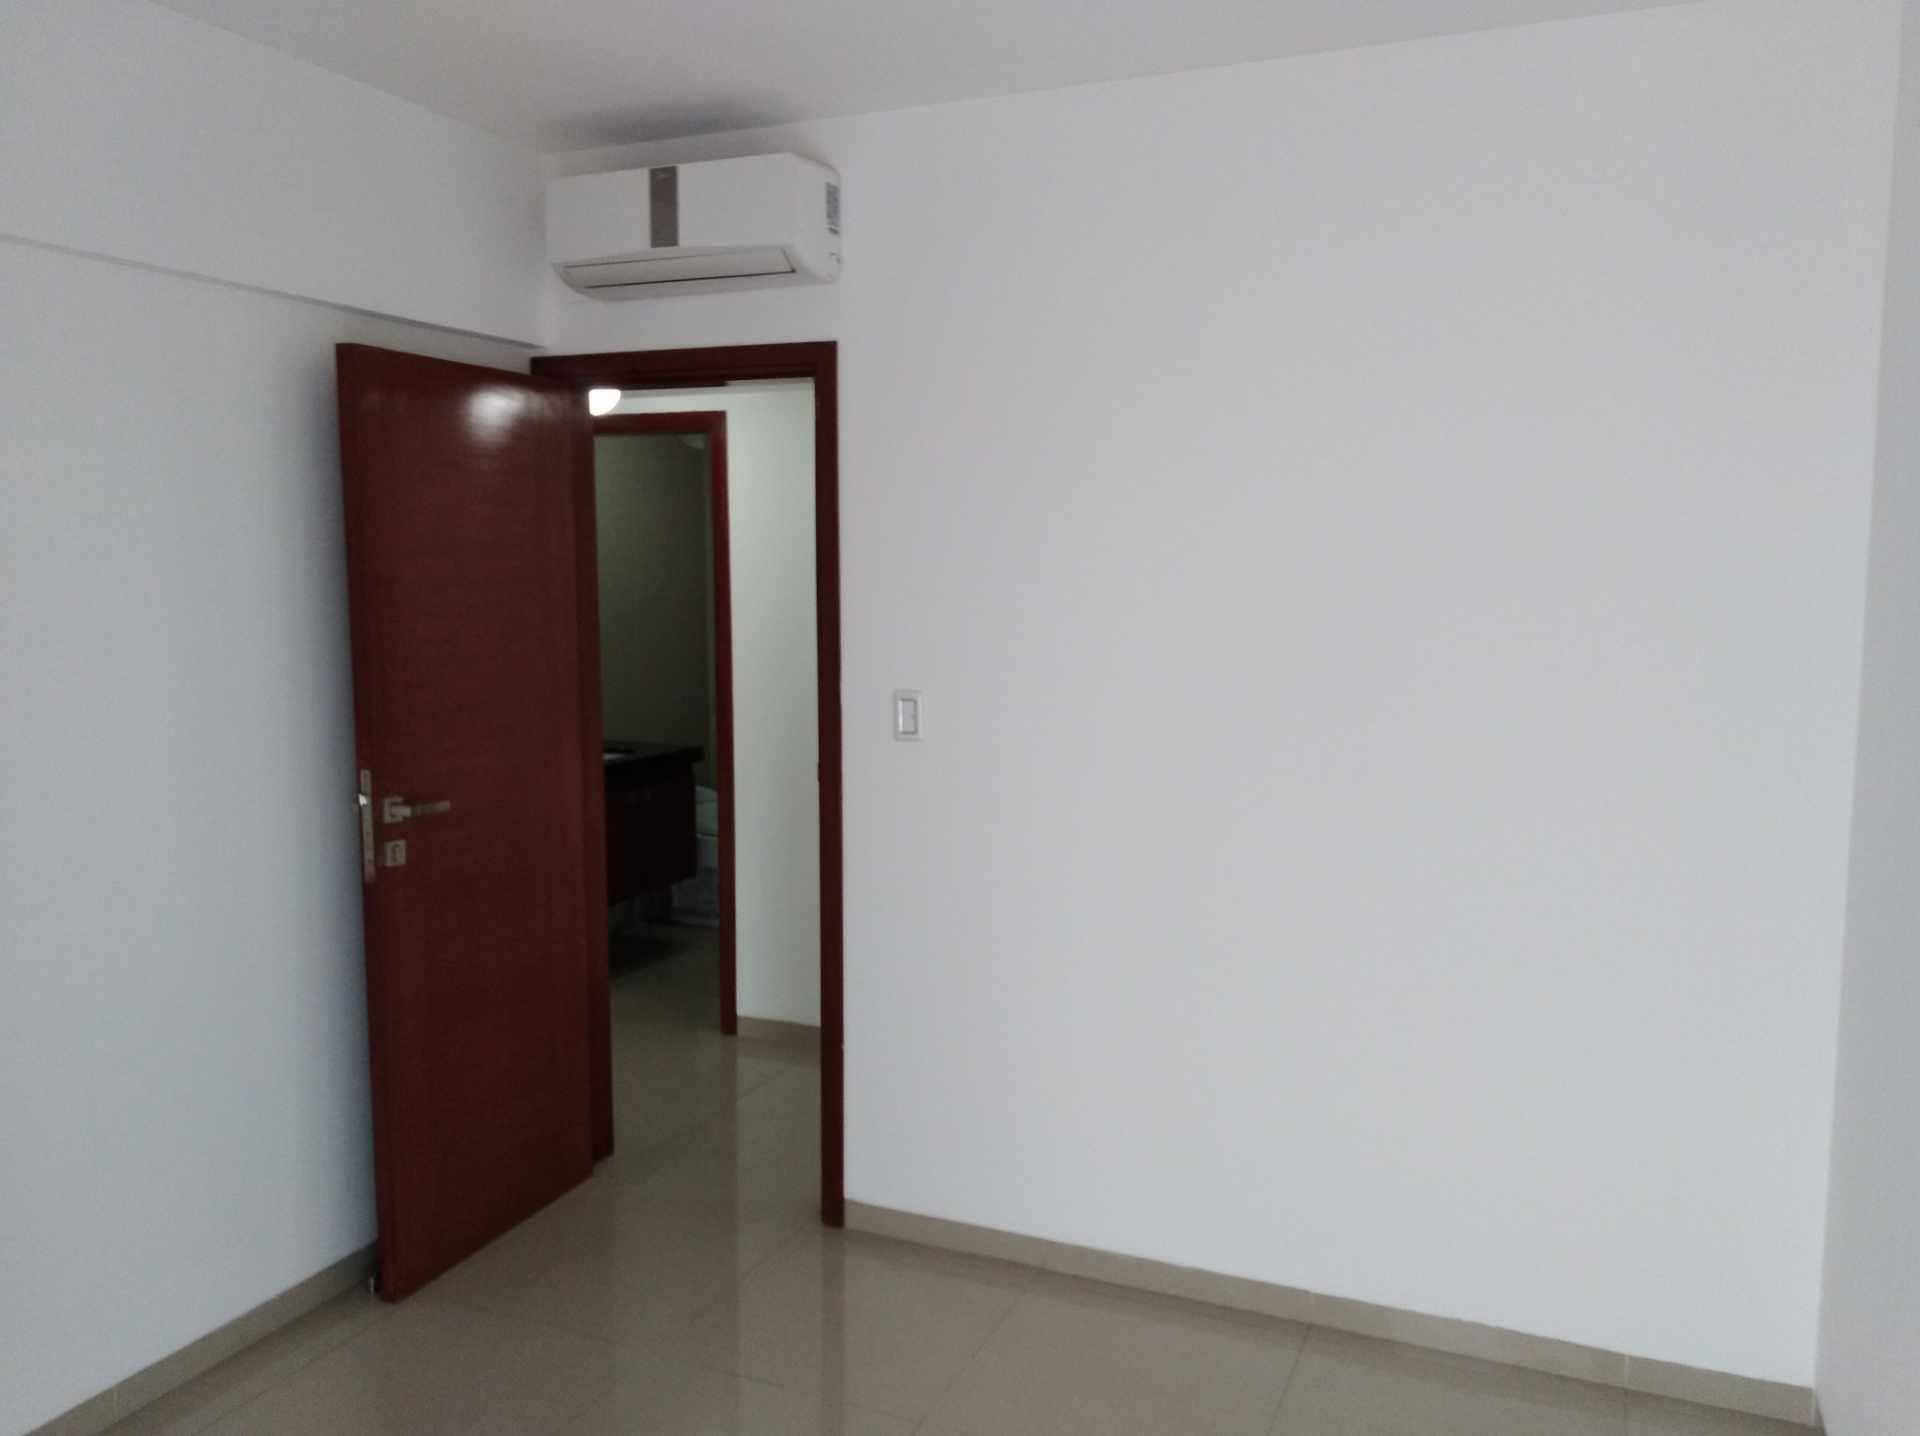 Departamento en Venta Av. Los Cusis, Condominio Mythos, entre Av. Beni y Alemania Foto 4